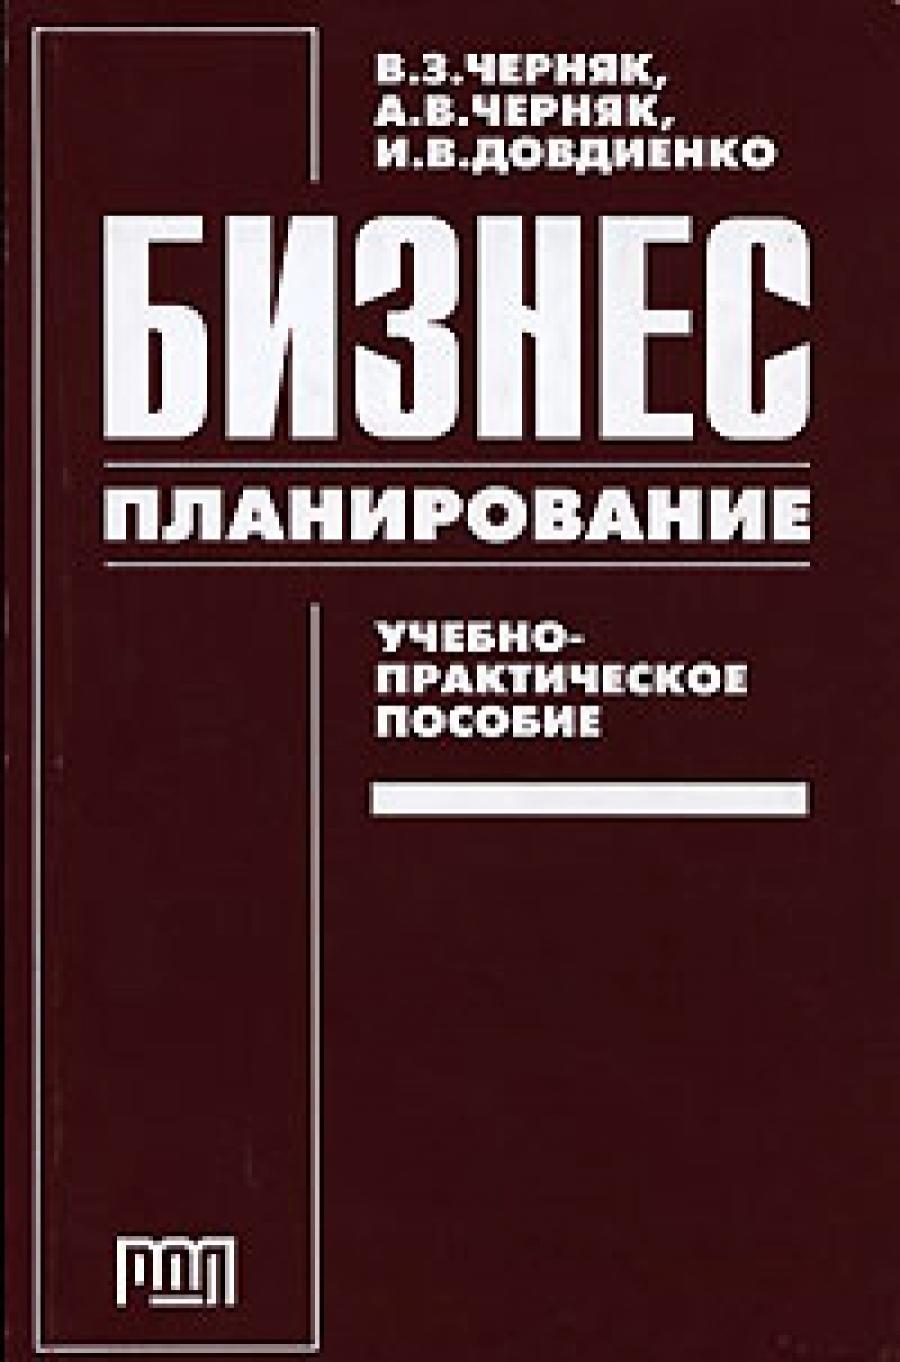 Обложка книги:  черняк в. з., черняк а. в. , довдиенко и. в. - бизнес-планирование учебно-практическое пособие